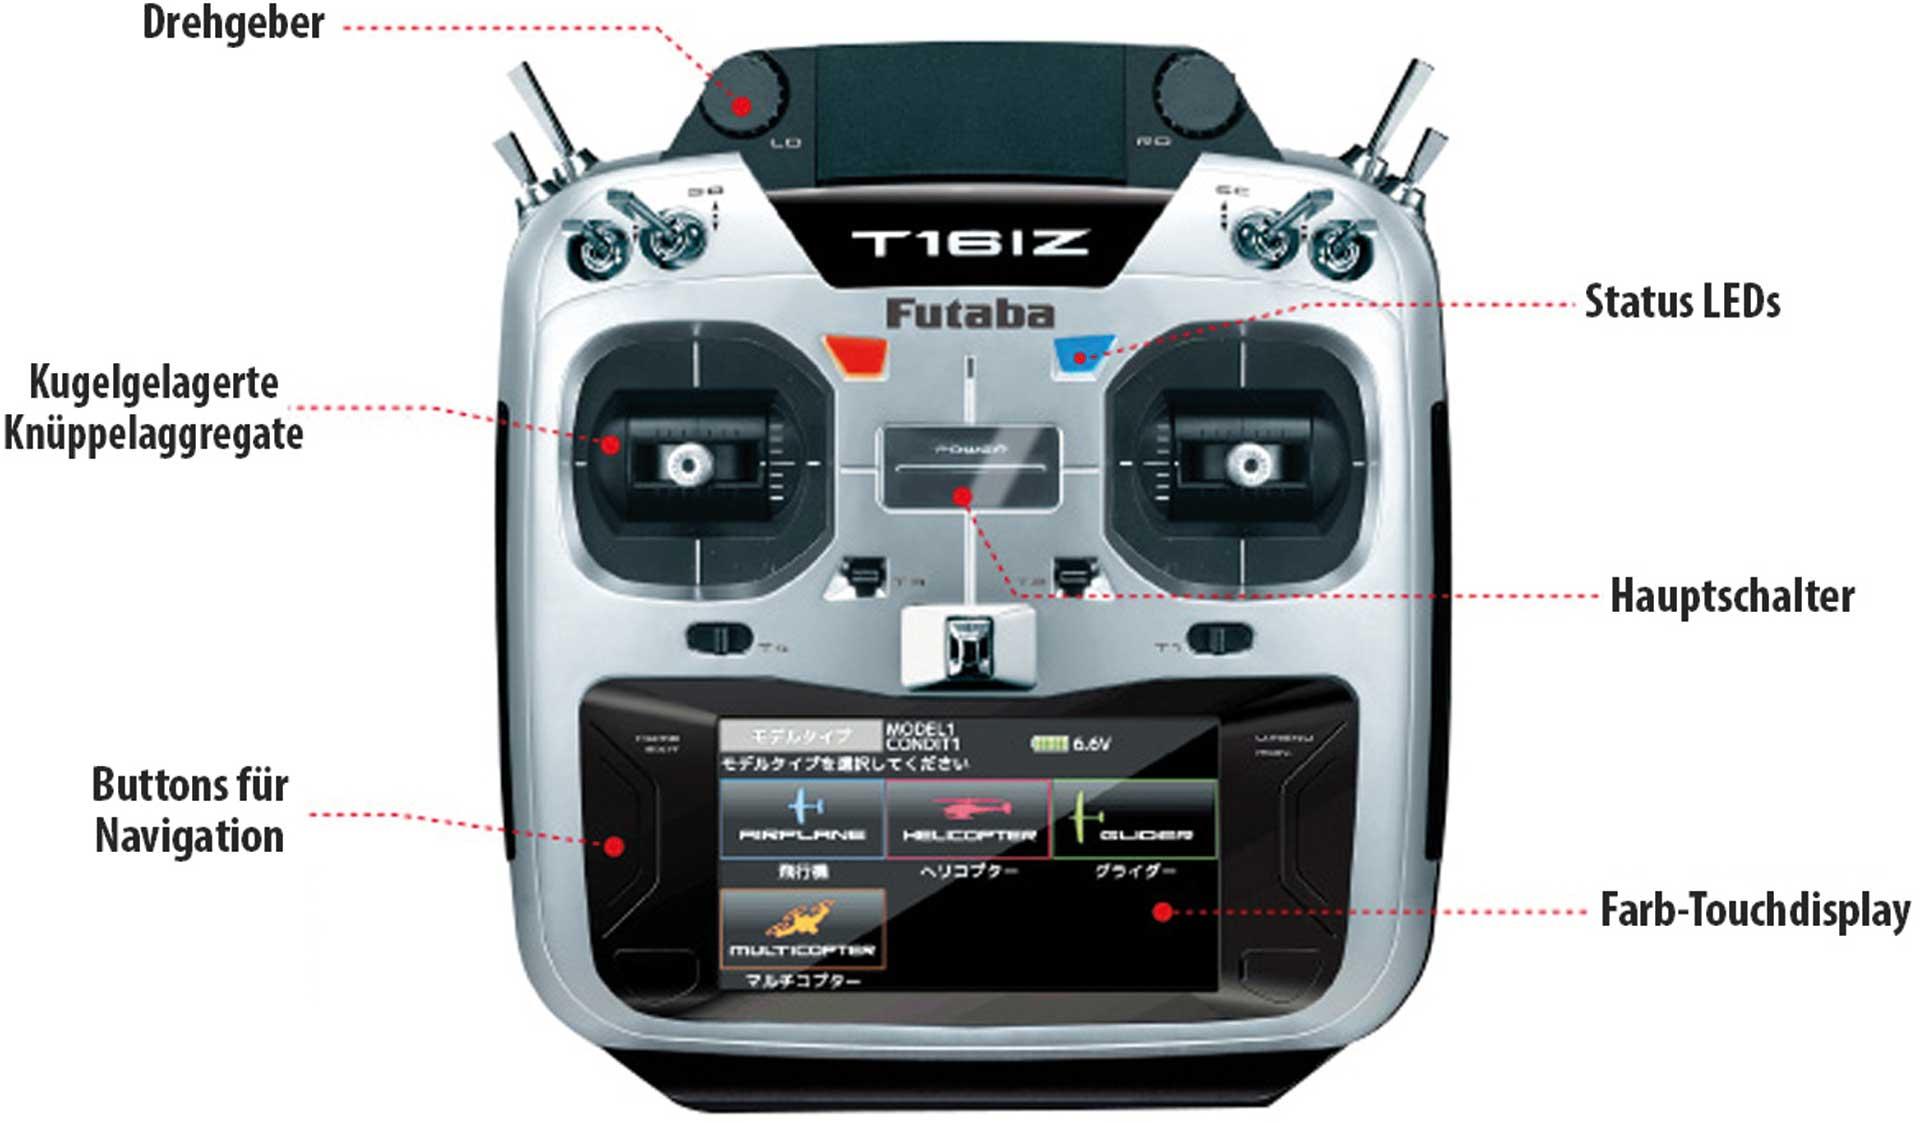 FUTABA T16IZ FASSTest 2,4Ghz Fernsteuerung mit R7108SB